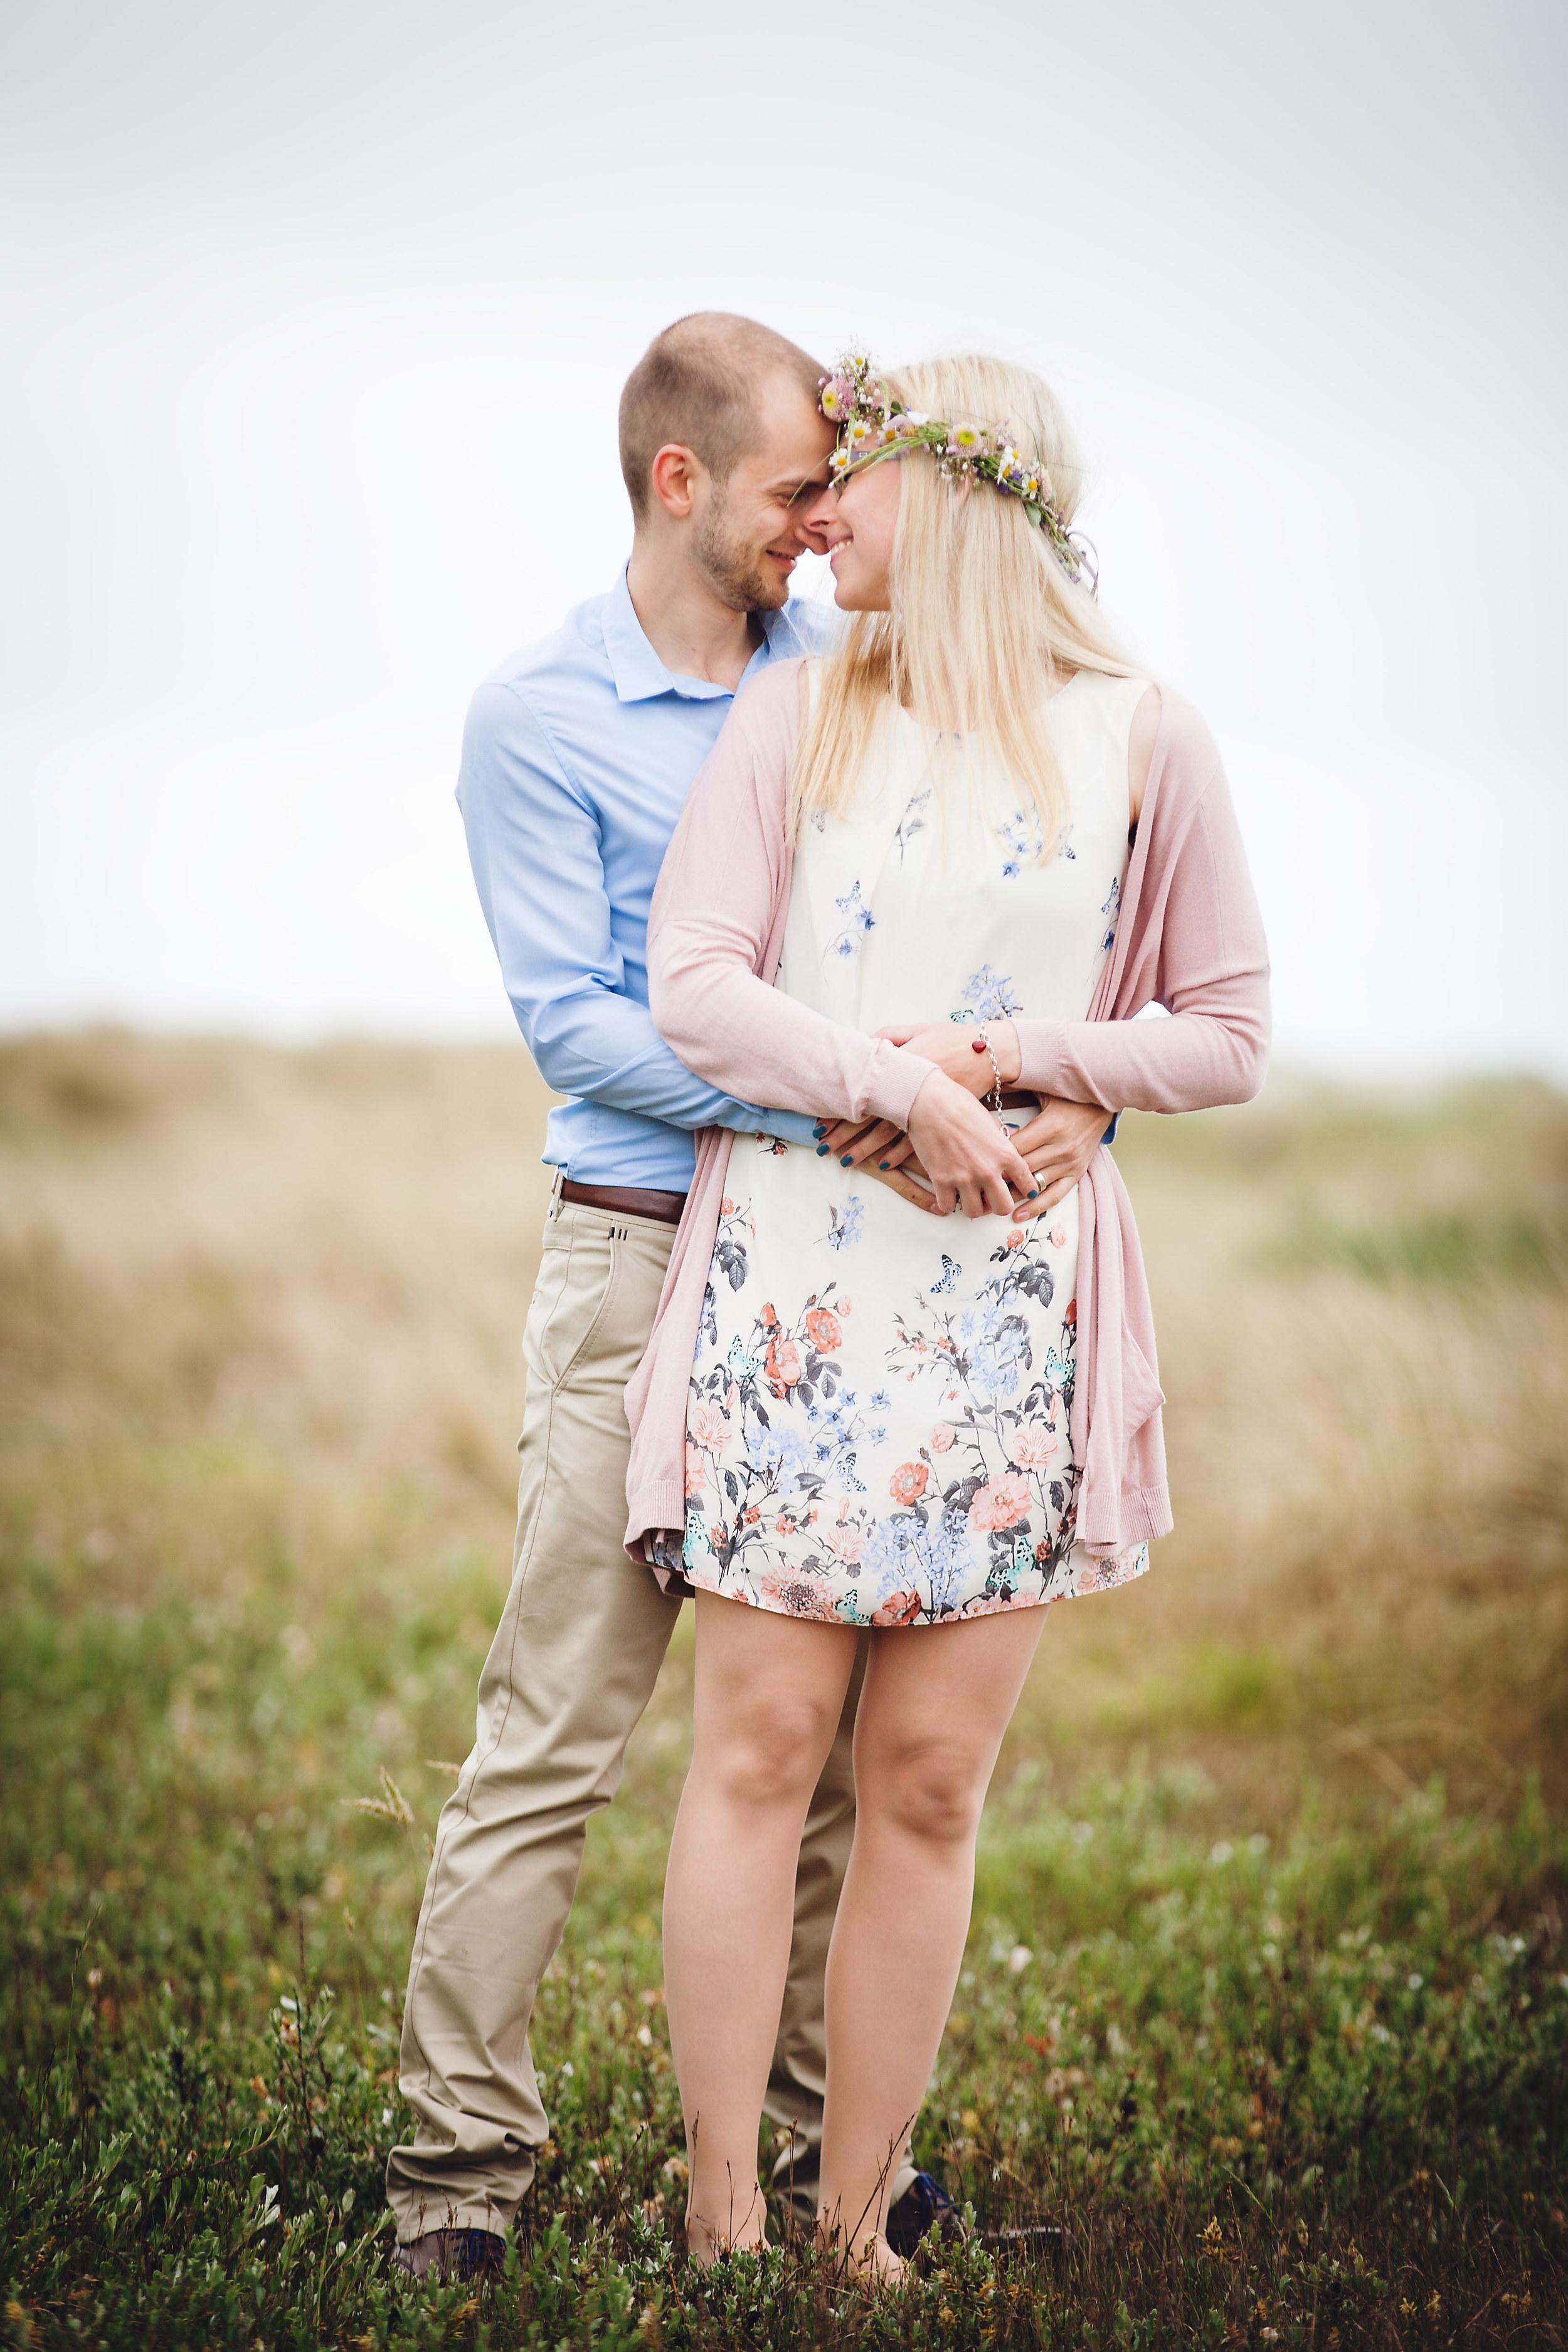 Janine-und-Martin-Verlobungsshooting16.jpg